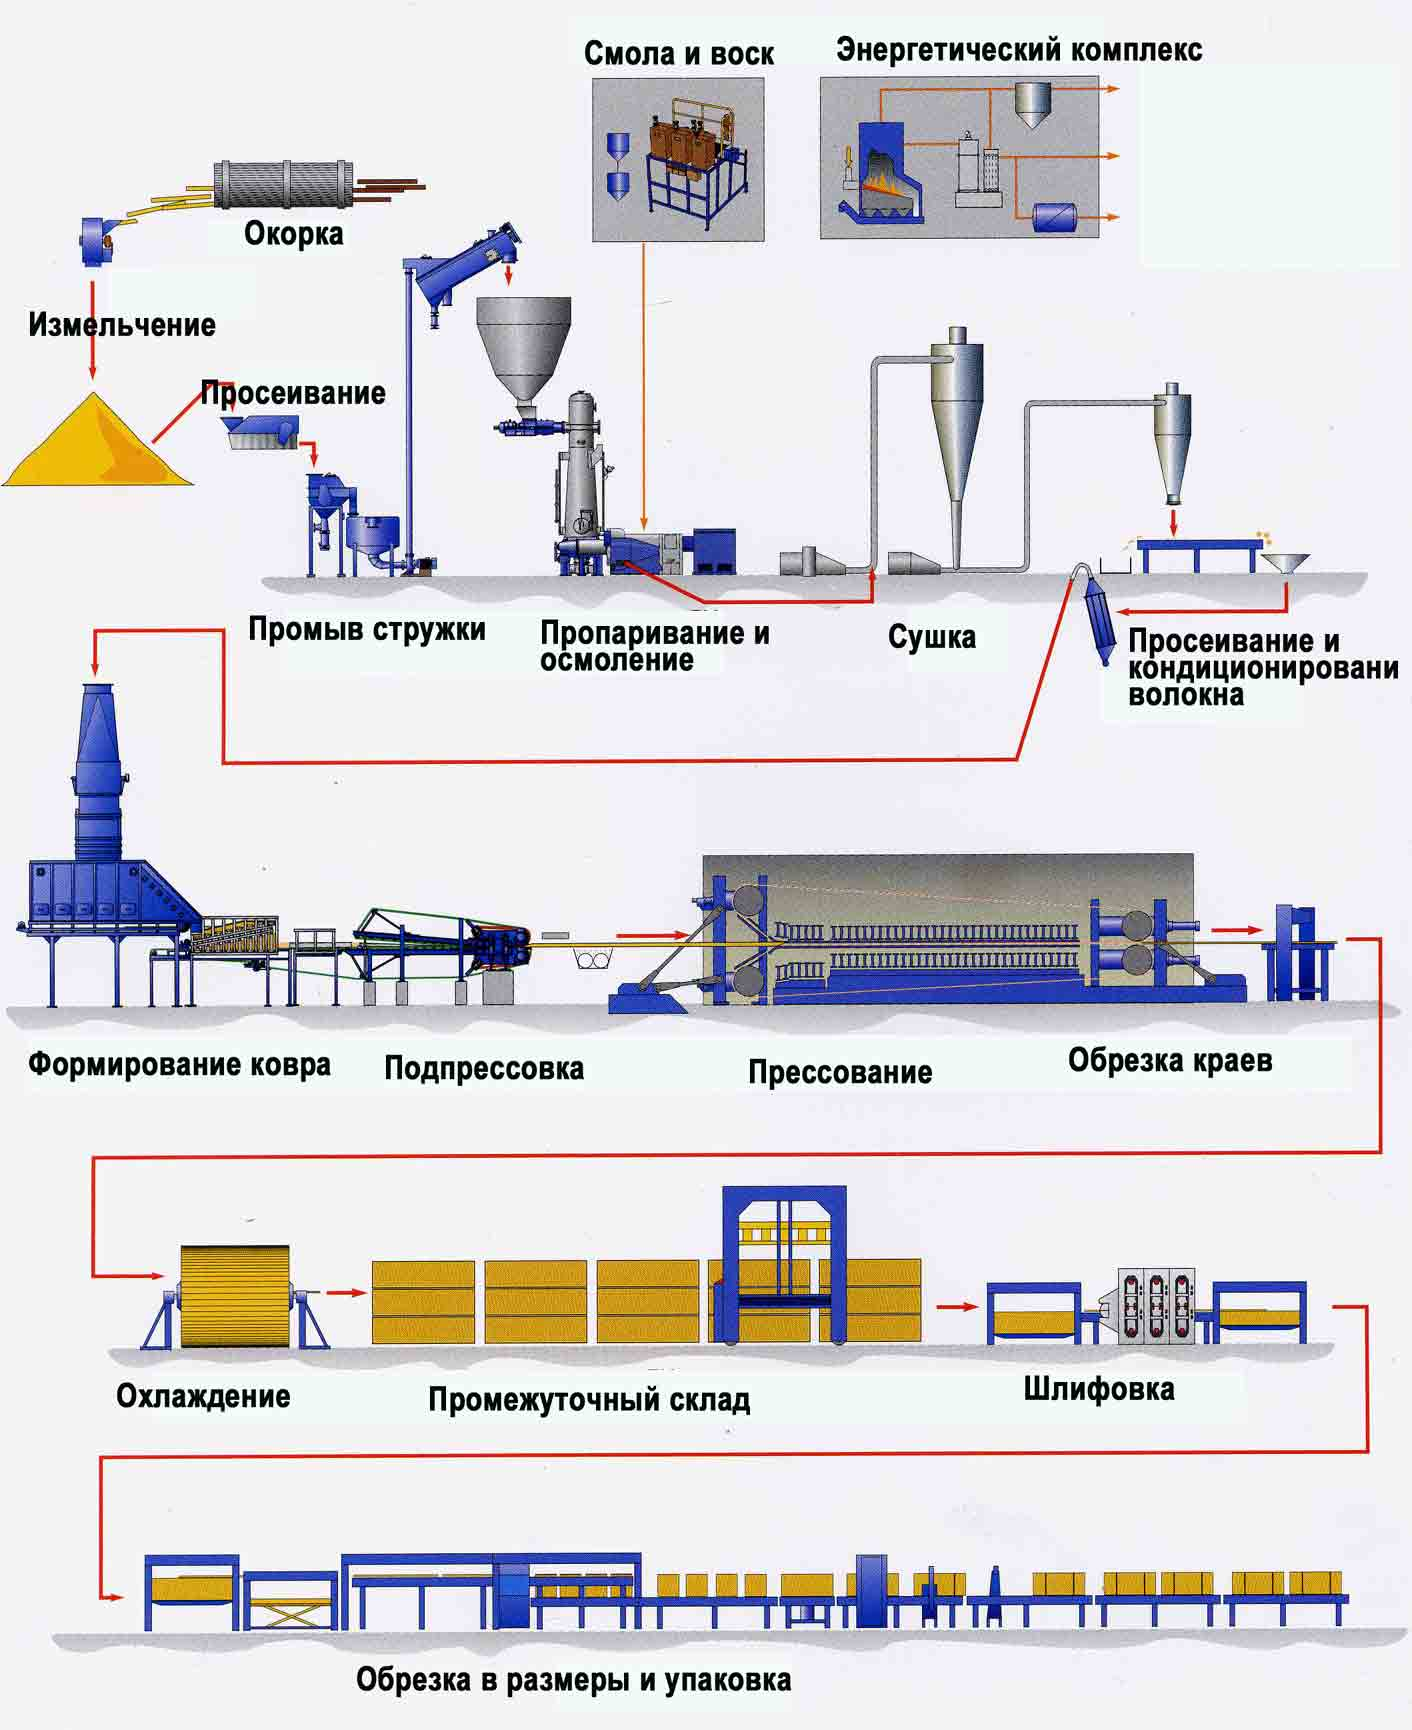 Общая схема производства целлюлозы